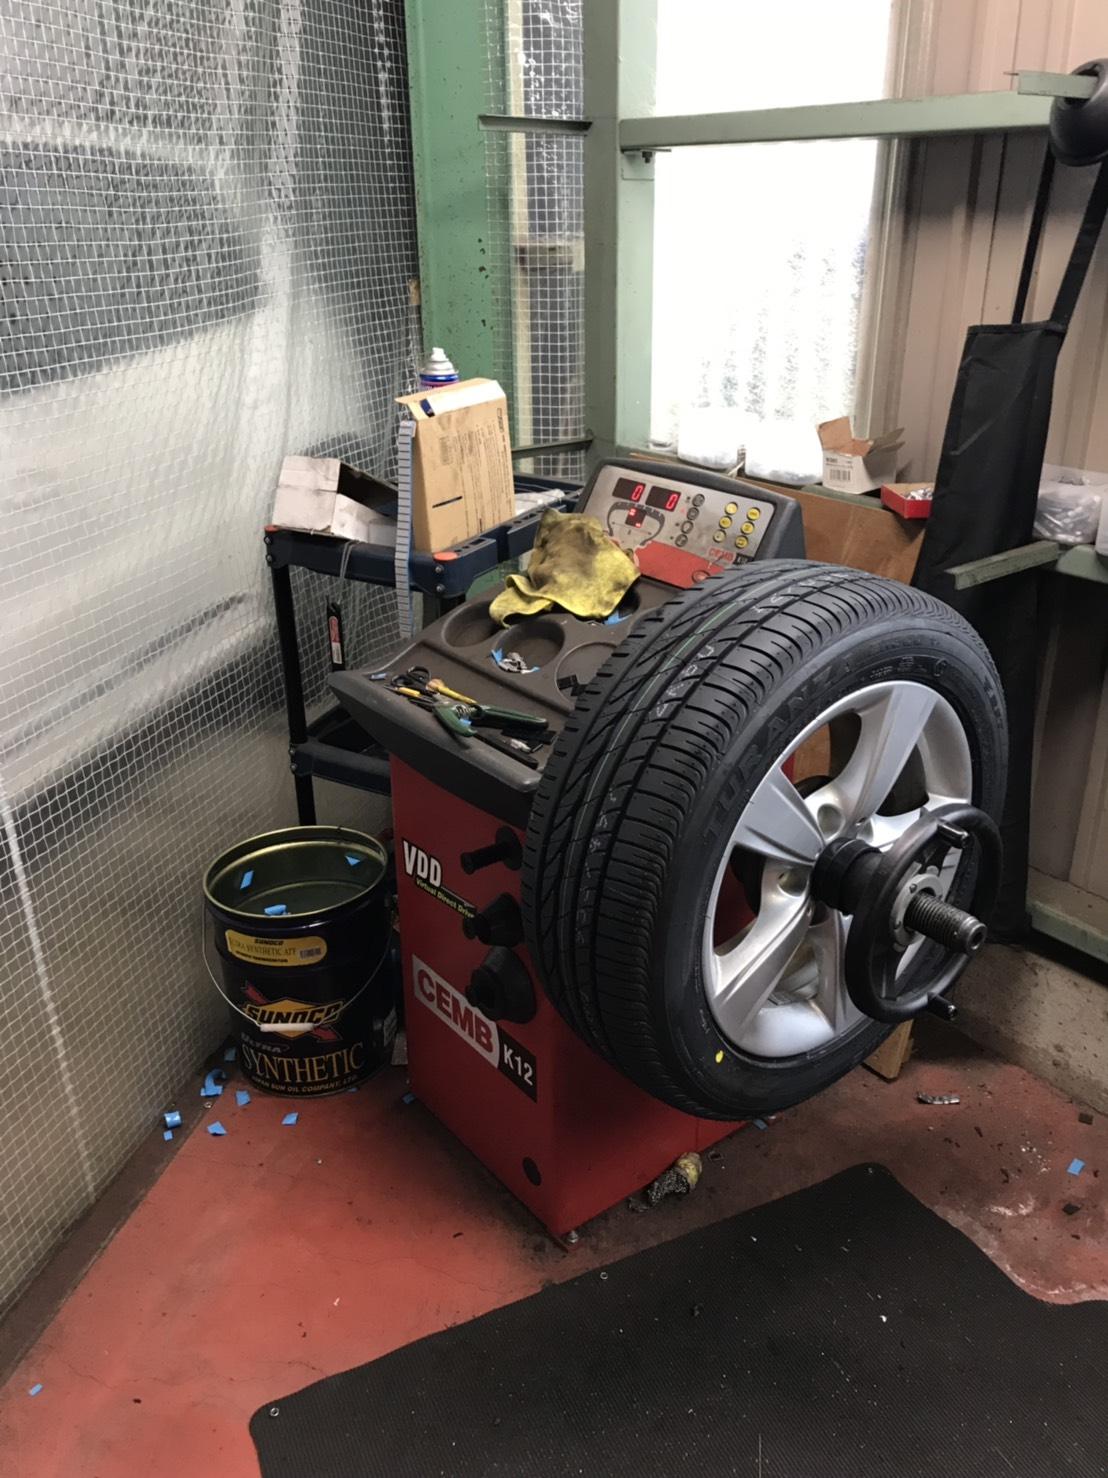 持ち込みタイヤの交換、オイル交換やってます!